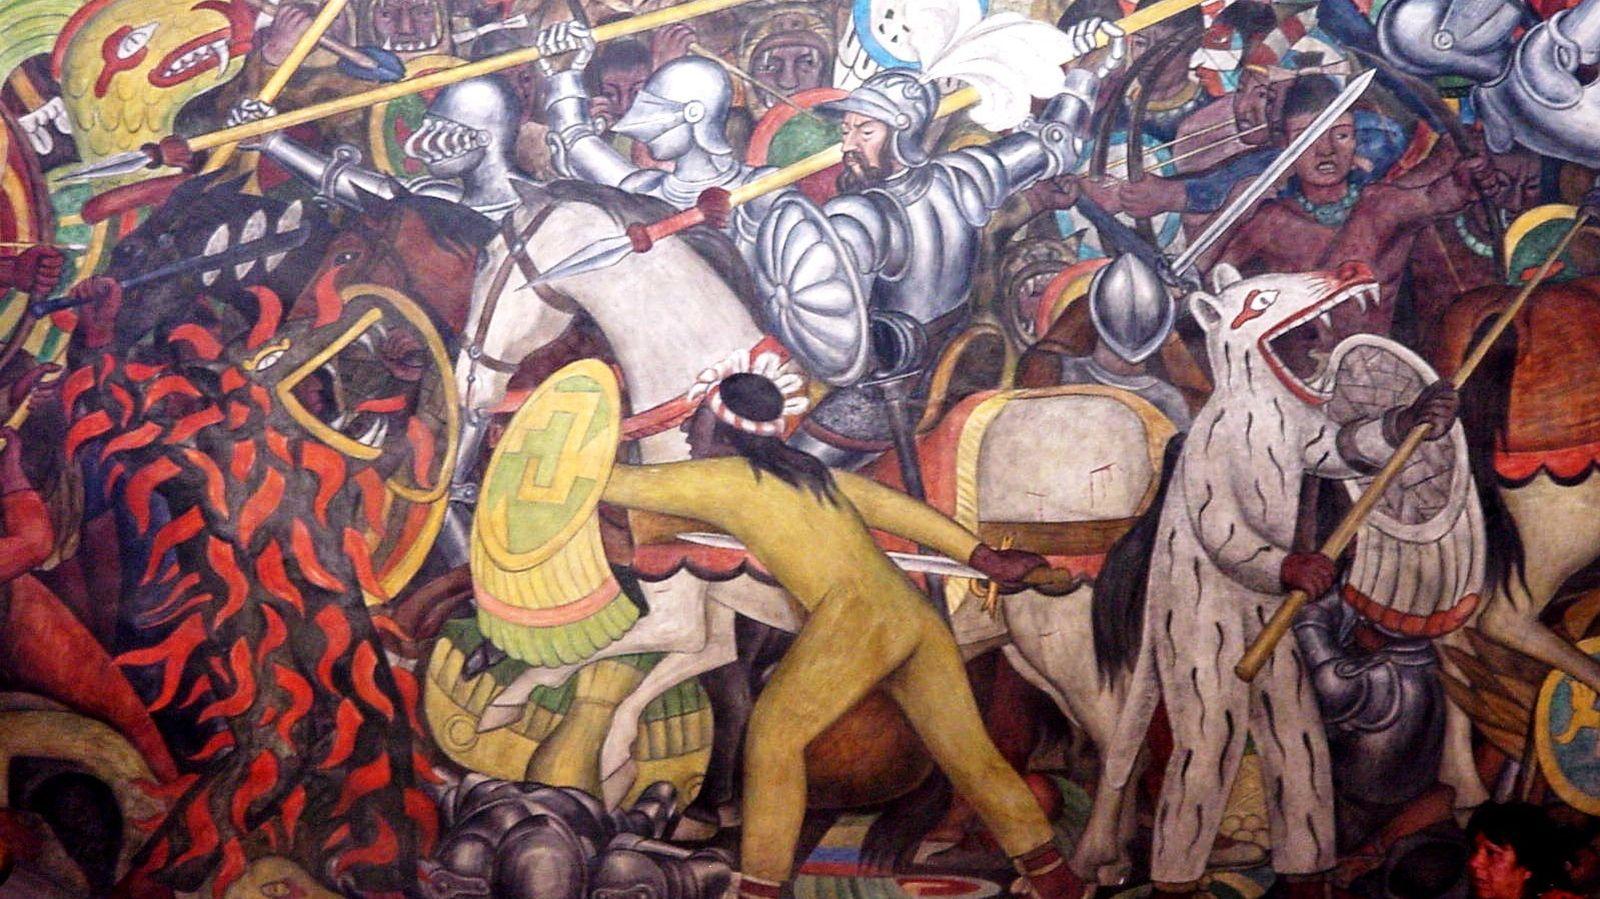 Foto: Mural del Palacio Nacional mexicano pintado por Diego Rivera que representa la conquista de México.